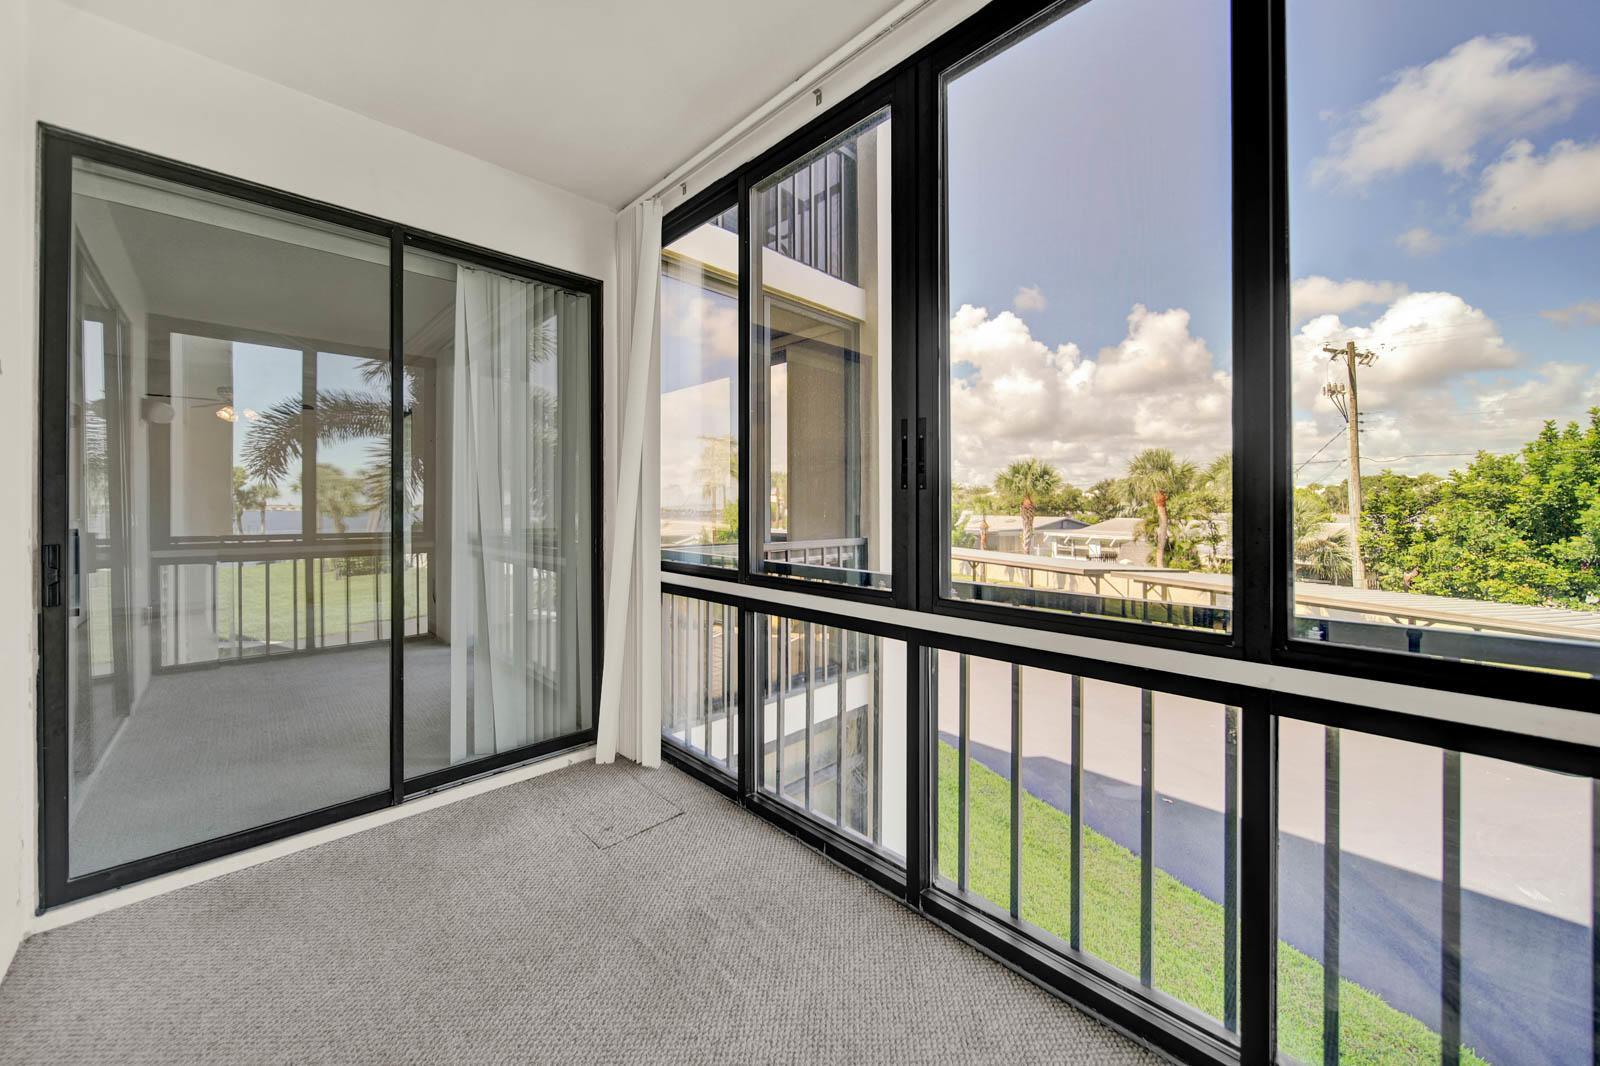 033 - Balcony 4 - Four Winds #208